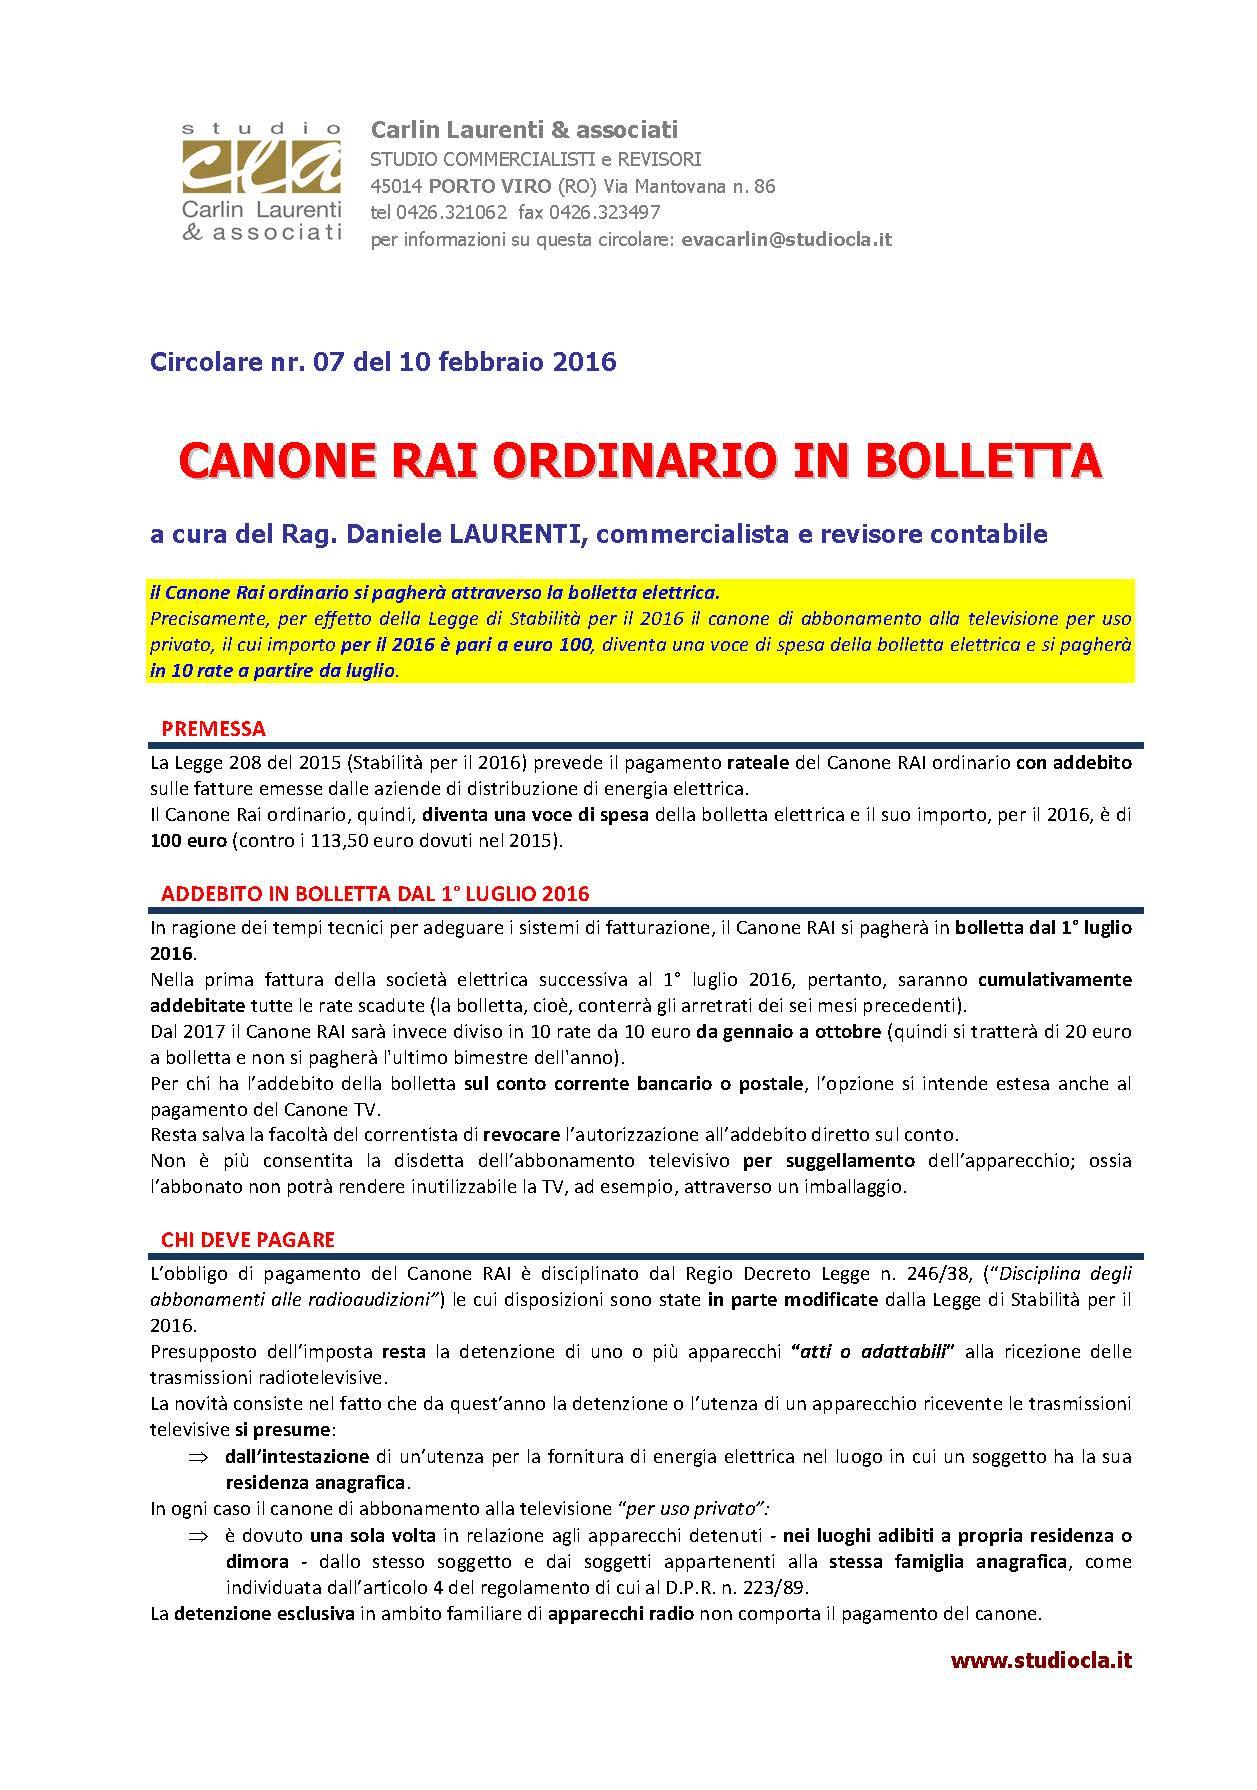 Canone RAI In Bolletta